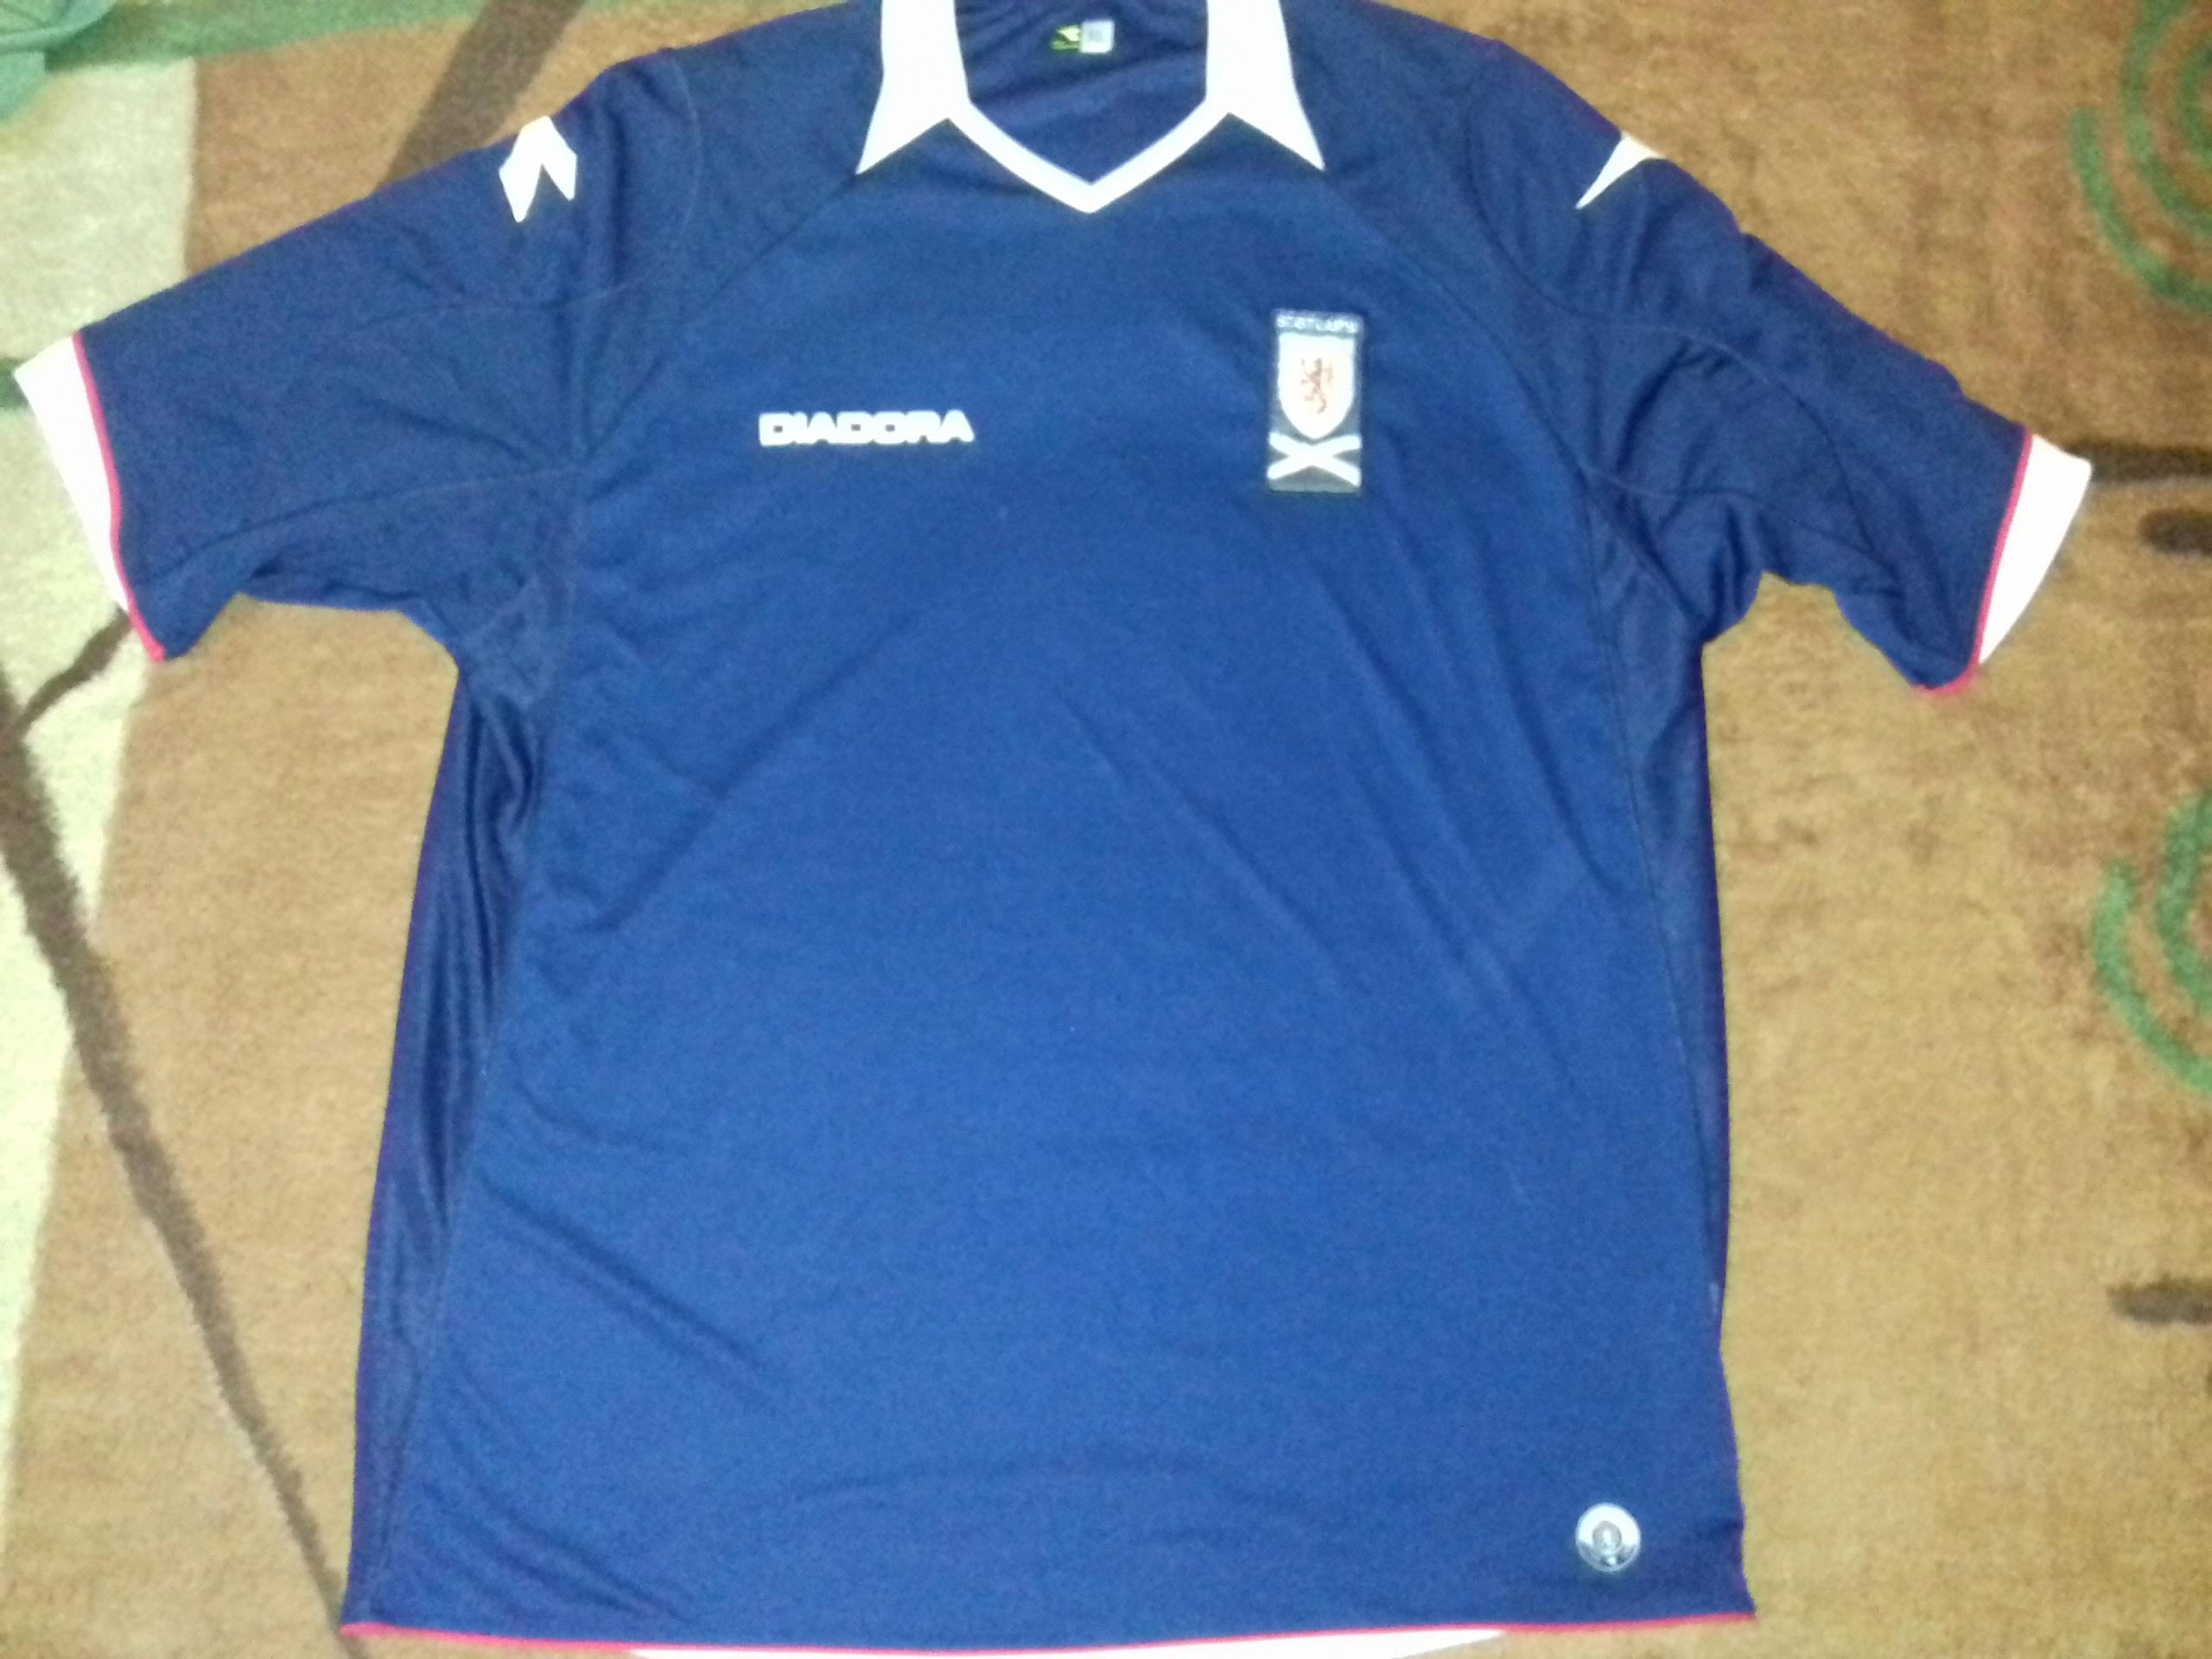 SZKOCJA 2008/09 Diadora XL